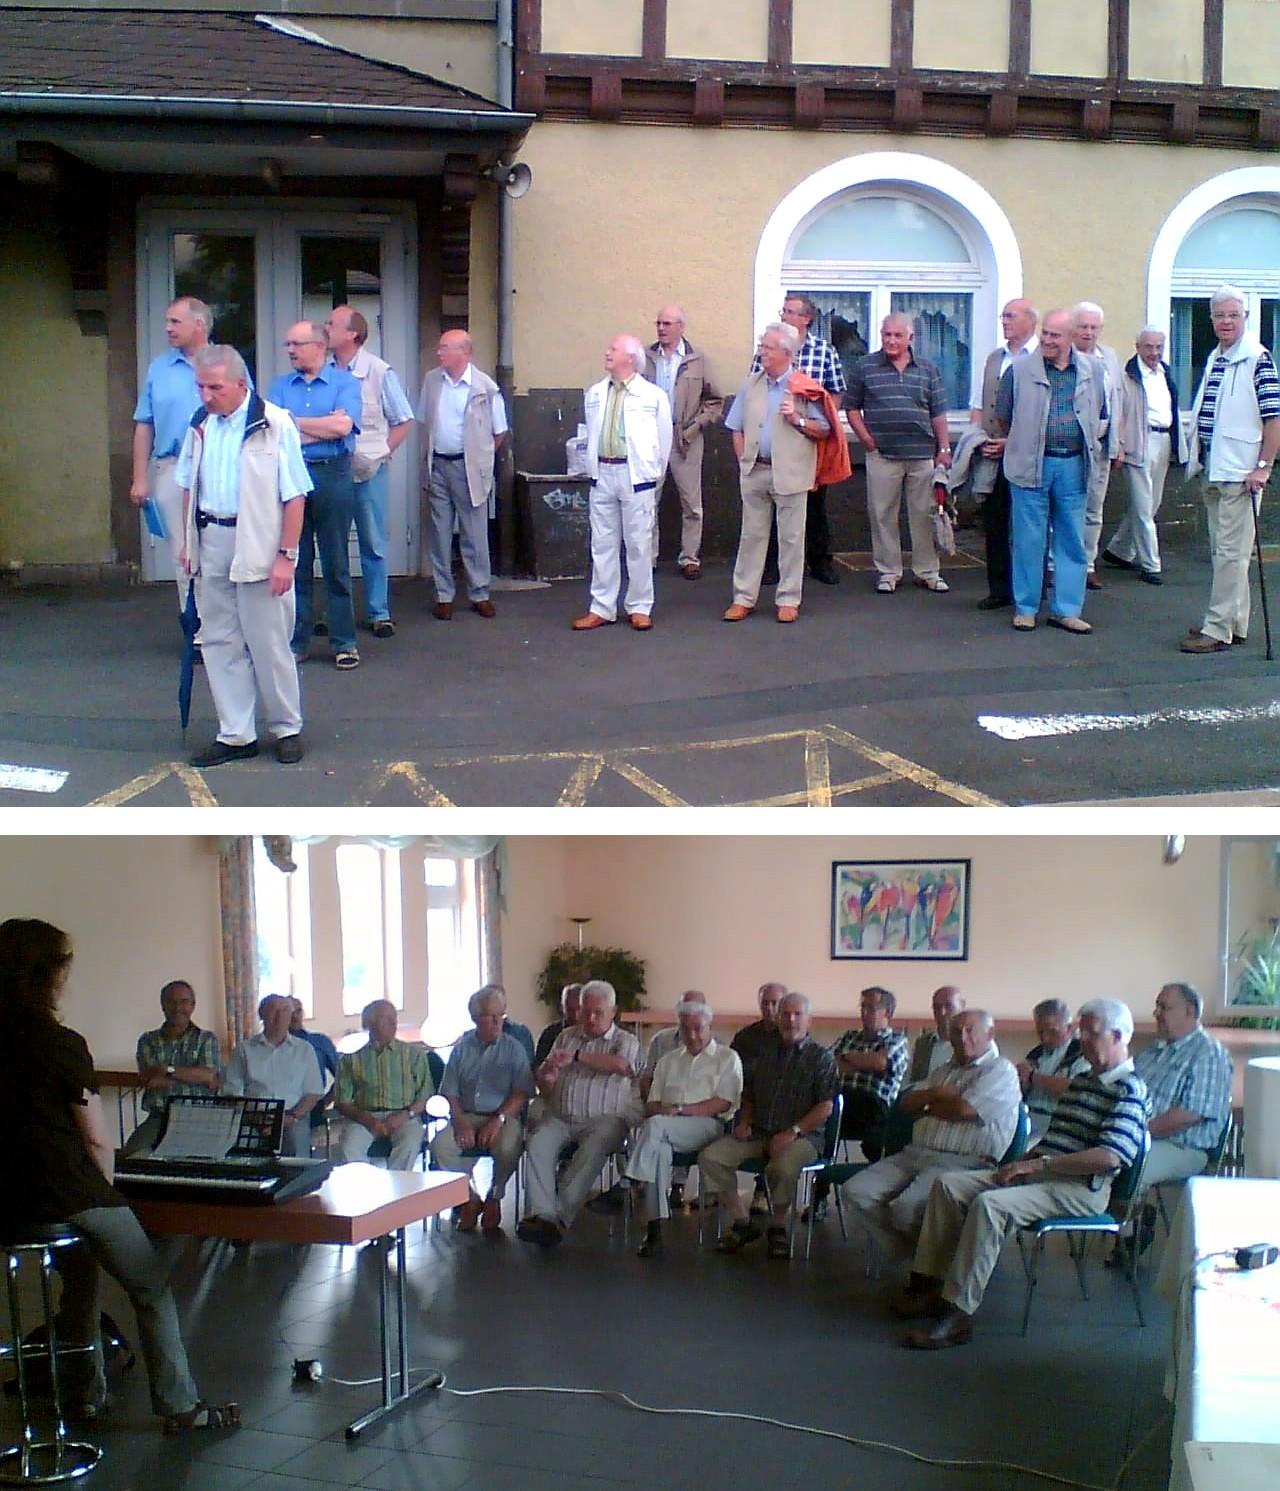 Die Fotos zeigen die Sänger der Sängervereinigung Eintracht-Germania bei der Abfahrt bzw. gemeinsam mit ihrer Chorleiterin Renate Schygulla beim Üben